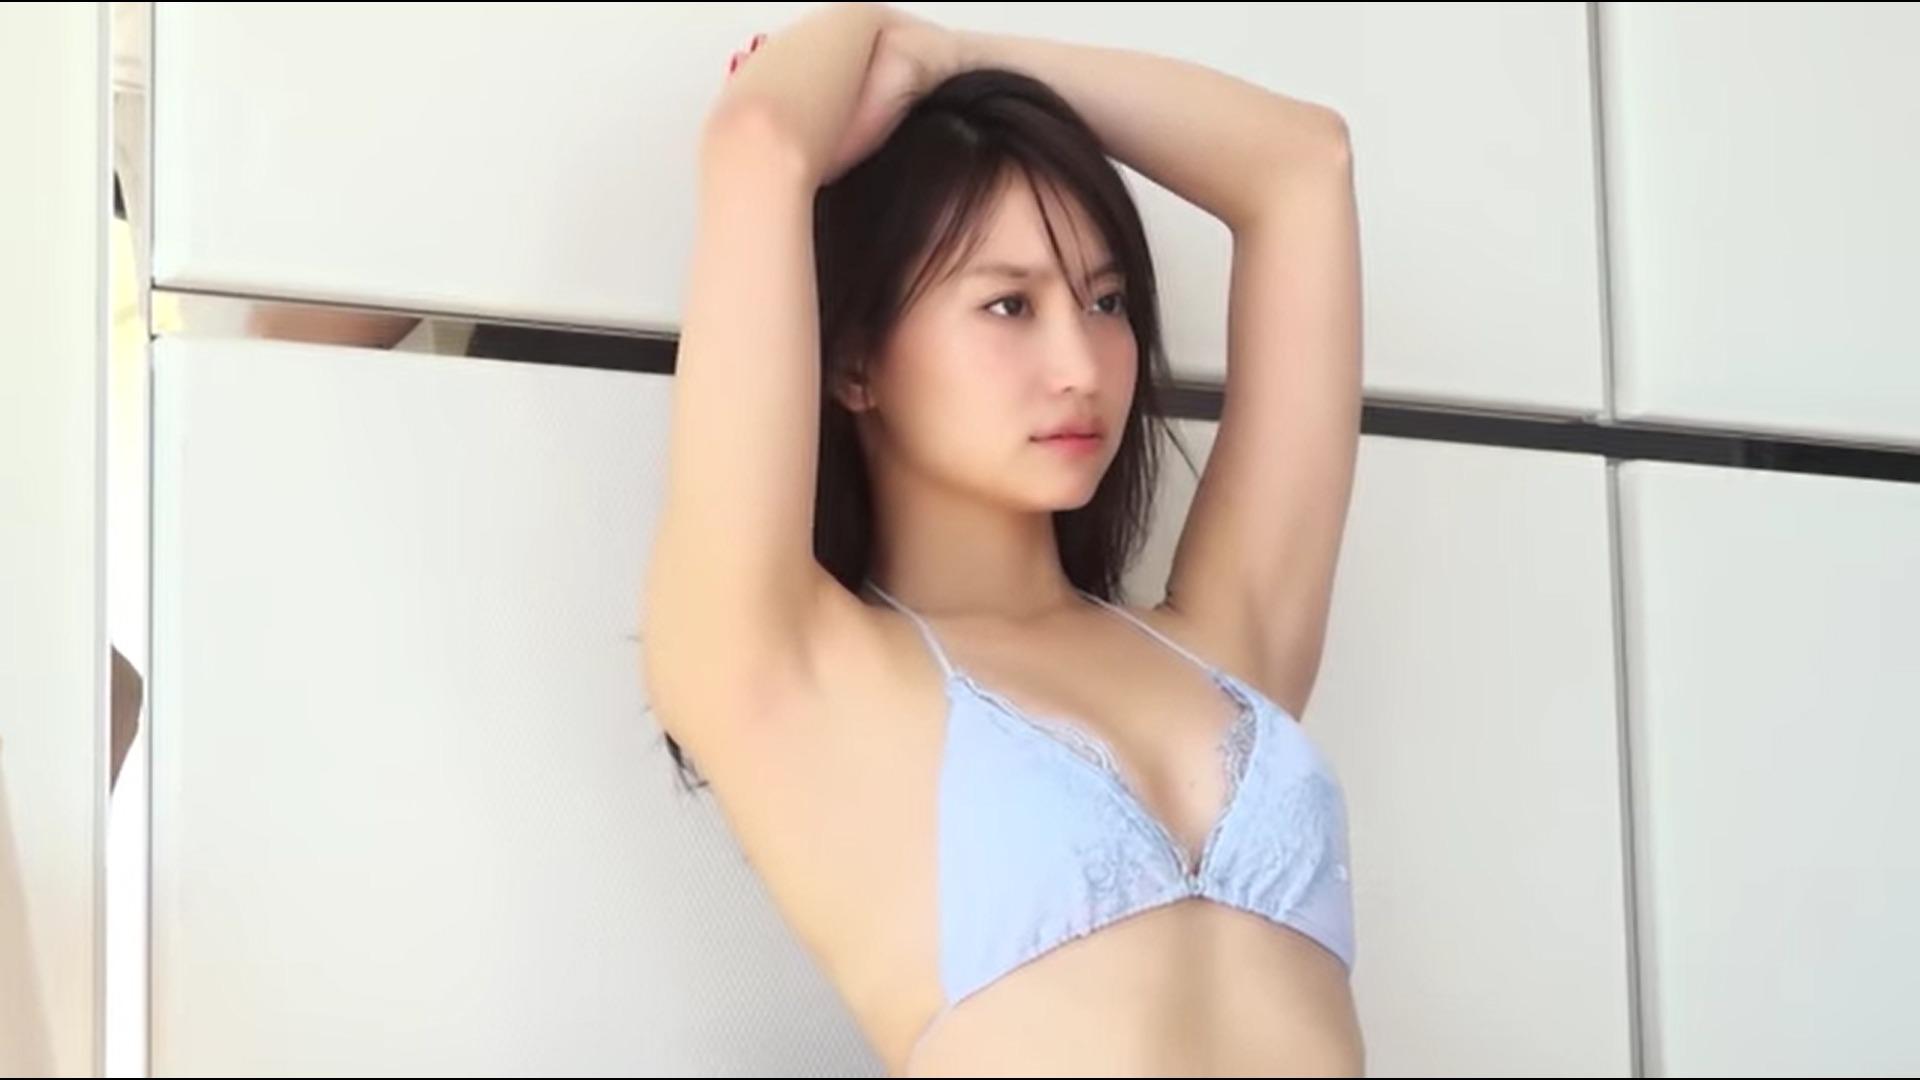 【永尾まりや】-カップ5 ほんのり濡れ髪姿でブラの肩ひもをおろしてセクシーポーズ!